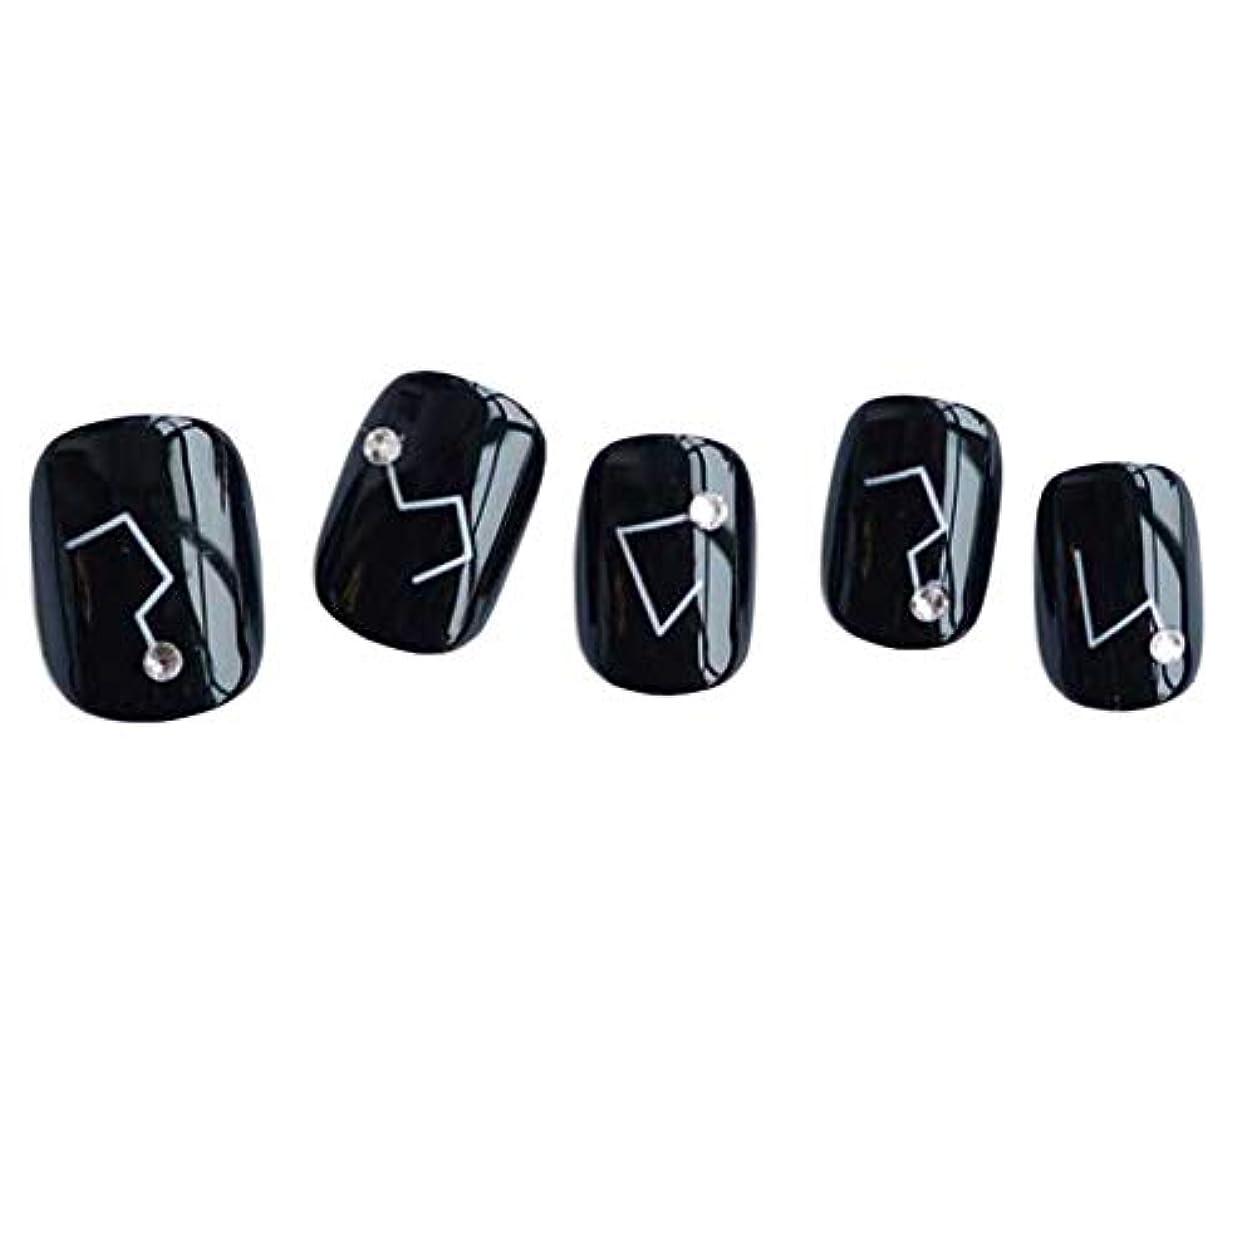 マウントバンク相対的コンセンサス星座 - 黒い短い偽の指爪人工爪の装飾の爪のヒント